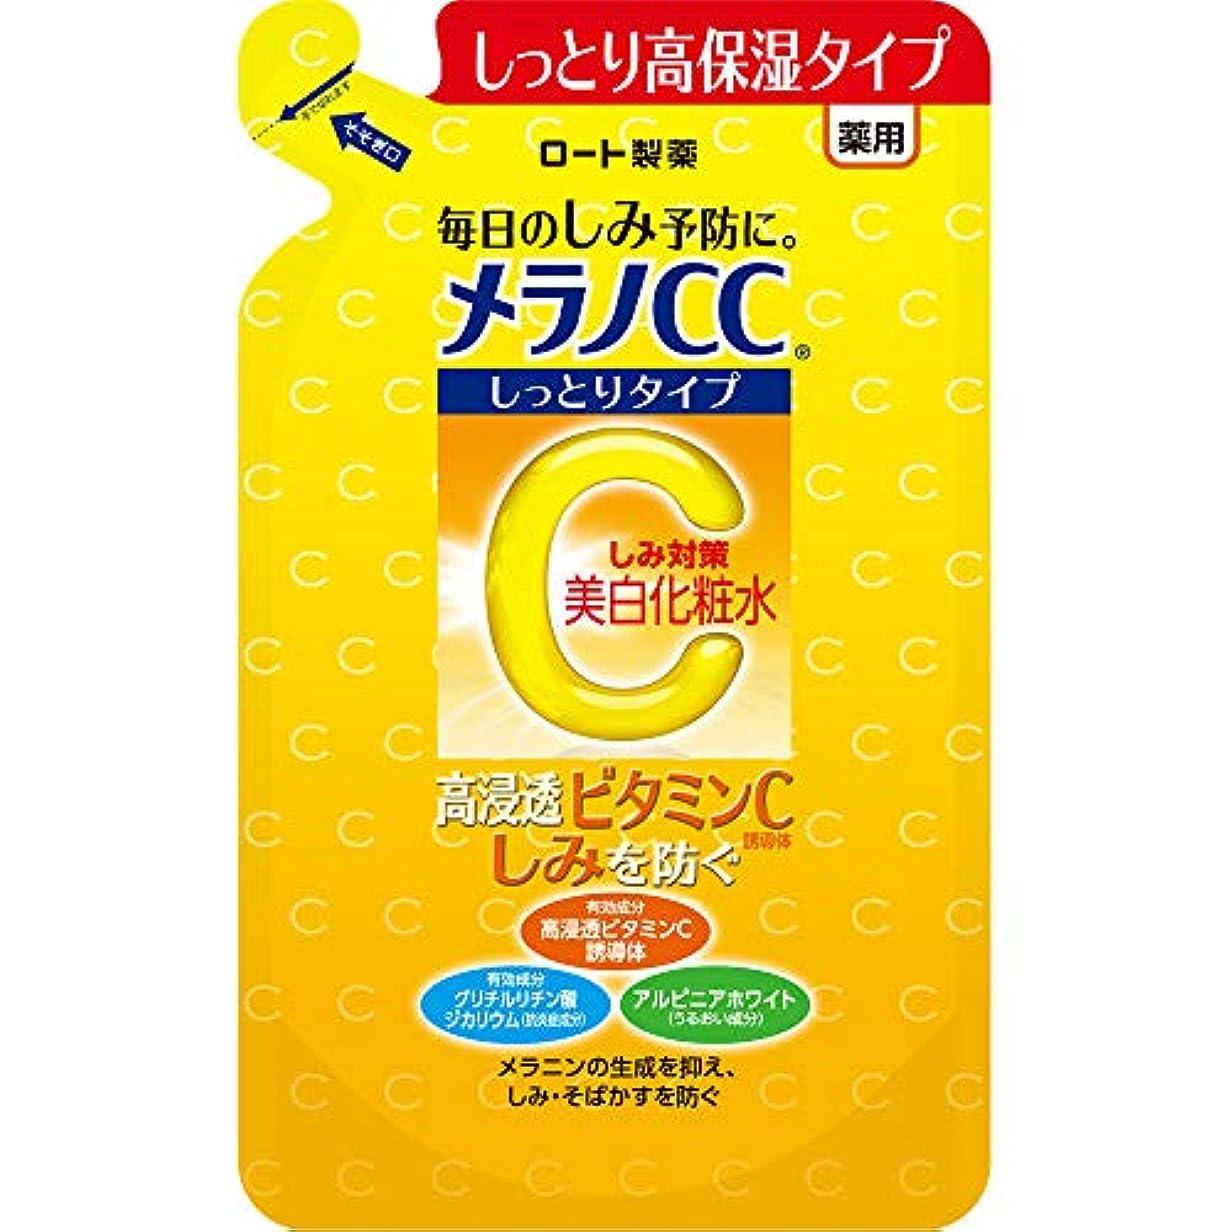 クリーナー便利さポータルメラノCC 薬用しみ対策美白化粧水 しっとりタイプ つめかえ用 170mL